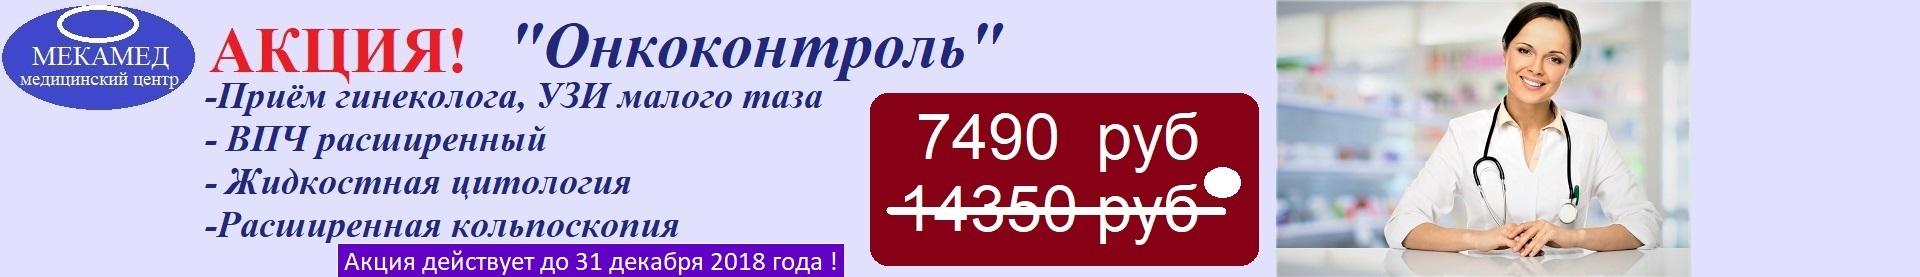 0nko311218